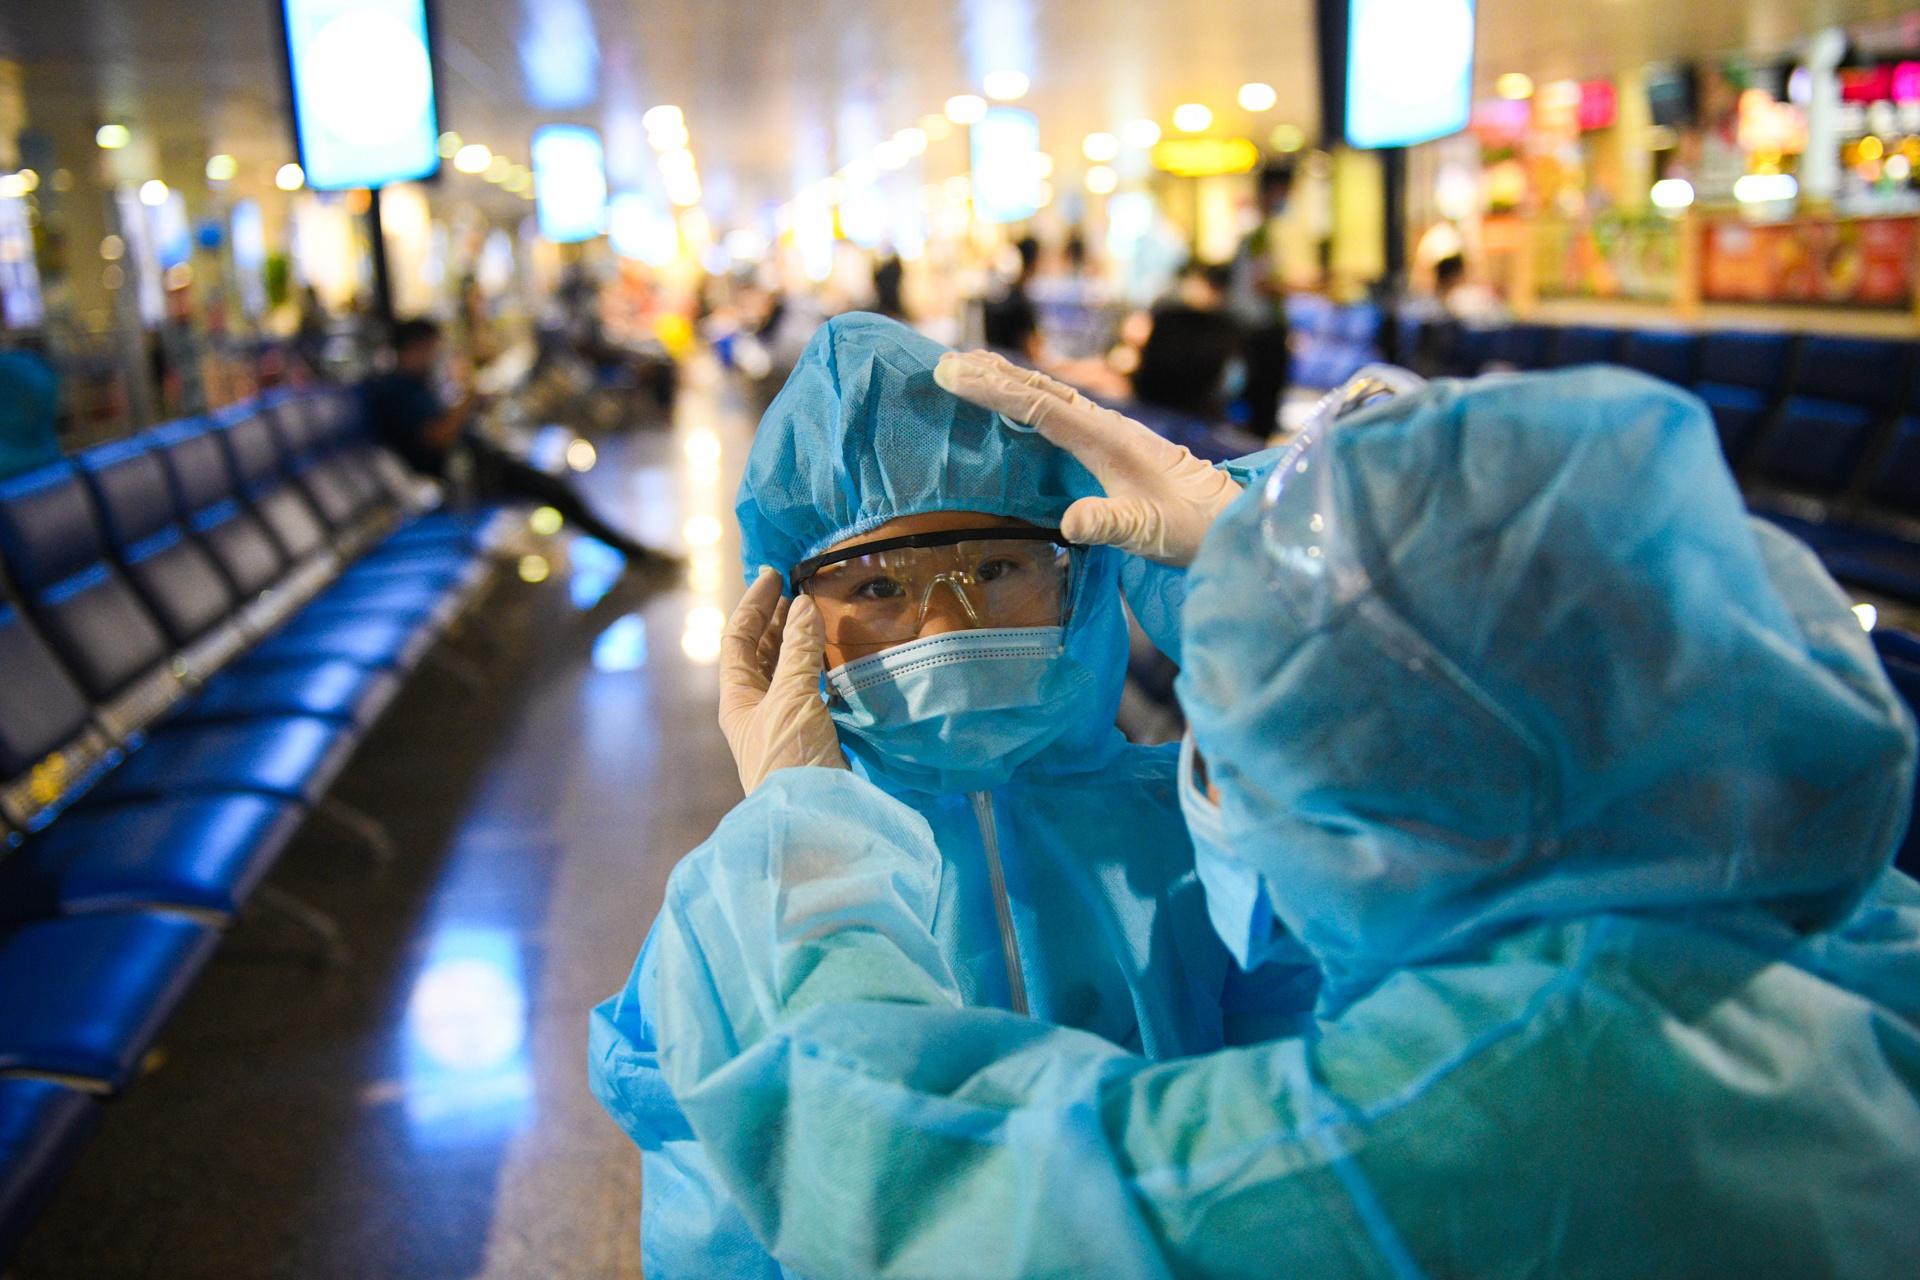 san bay Tan Son Nhat,  dich benh bung phat anh 5  - san_bay_zing_7776 - Sắc xanh áo bảo hộ phủ kín nhà ga hàng không Tân Sơn Nhất